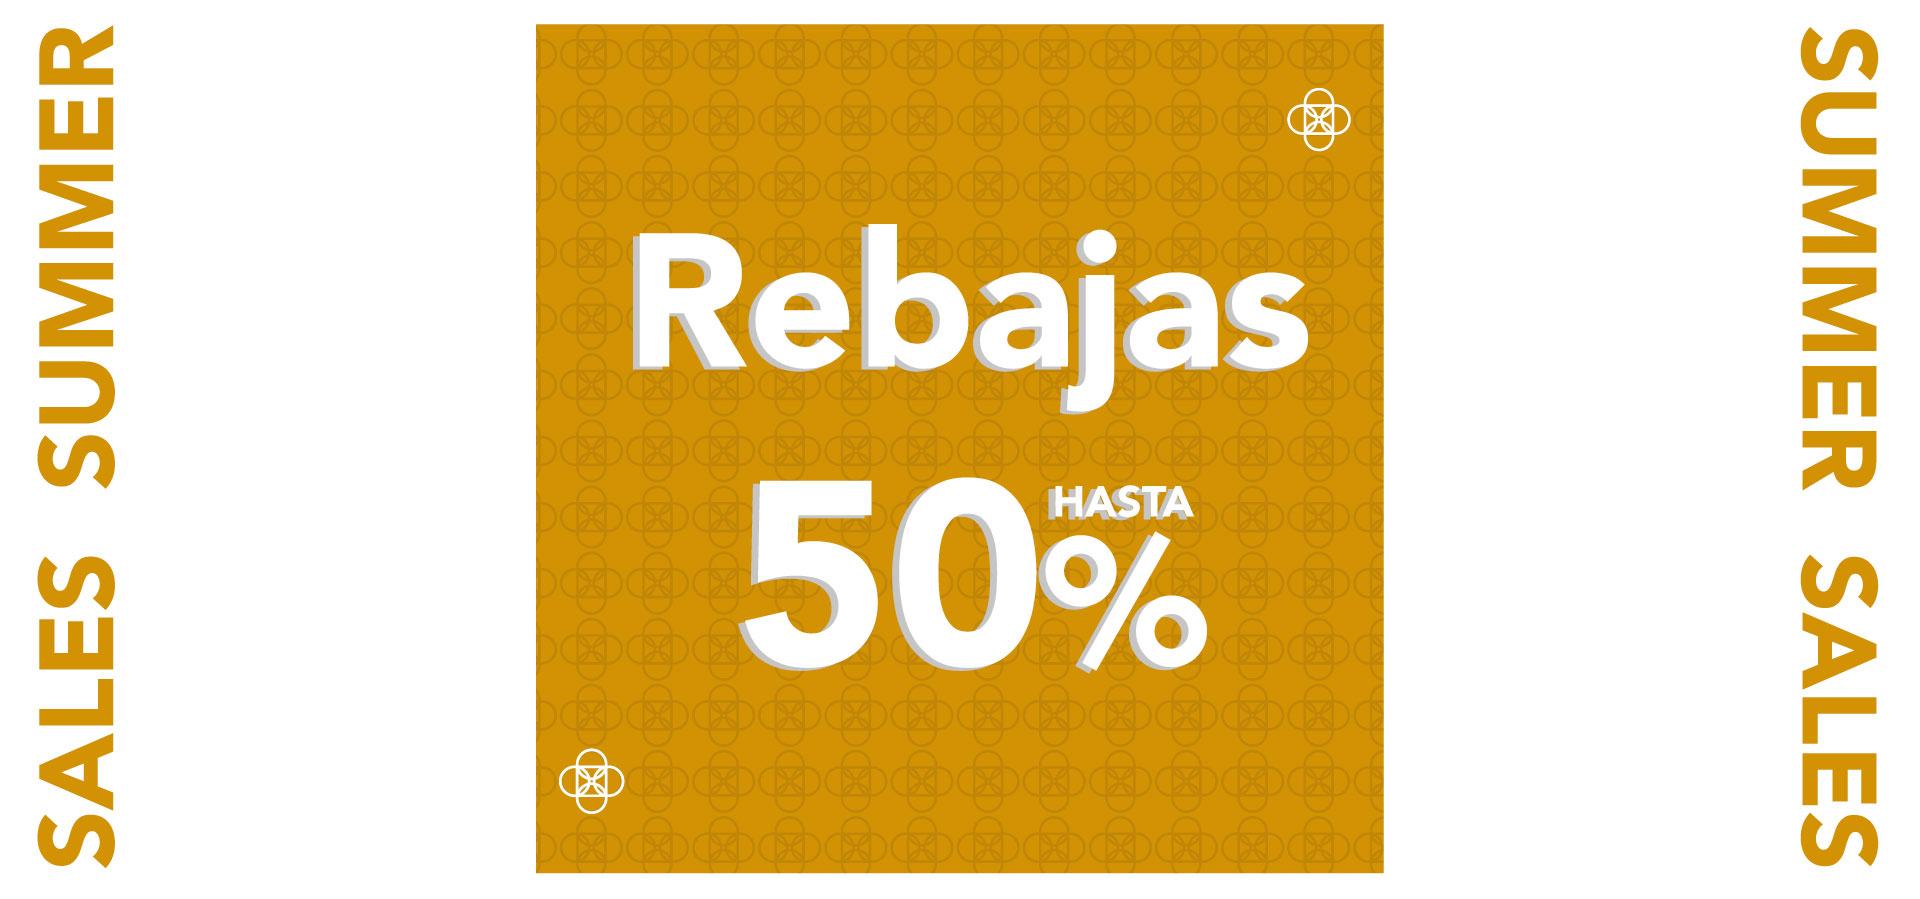 Rebajas Gafas de Sol SS2021 | Hasta 50% Dto.